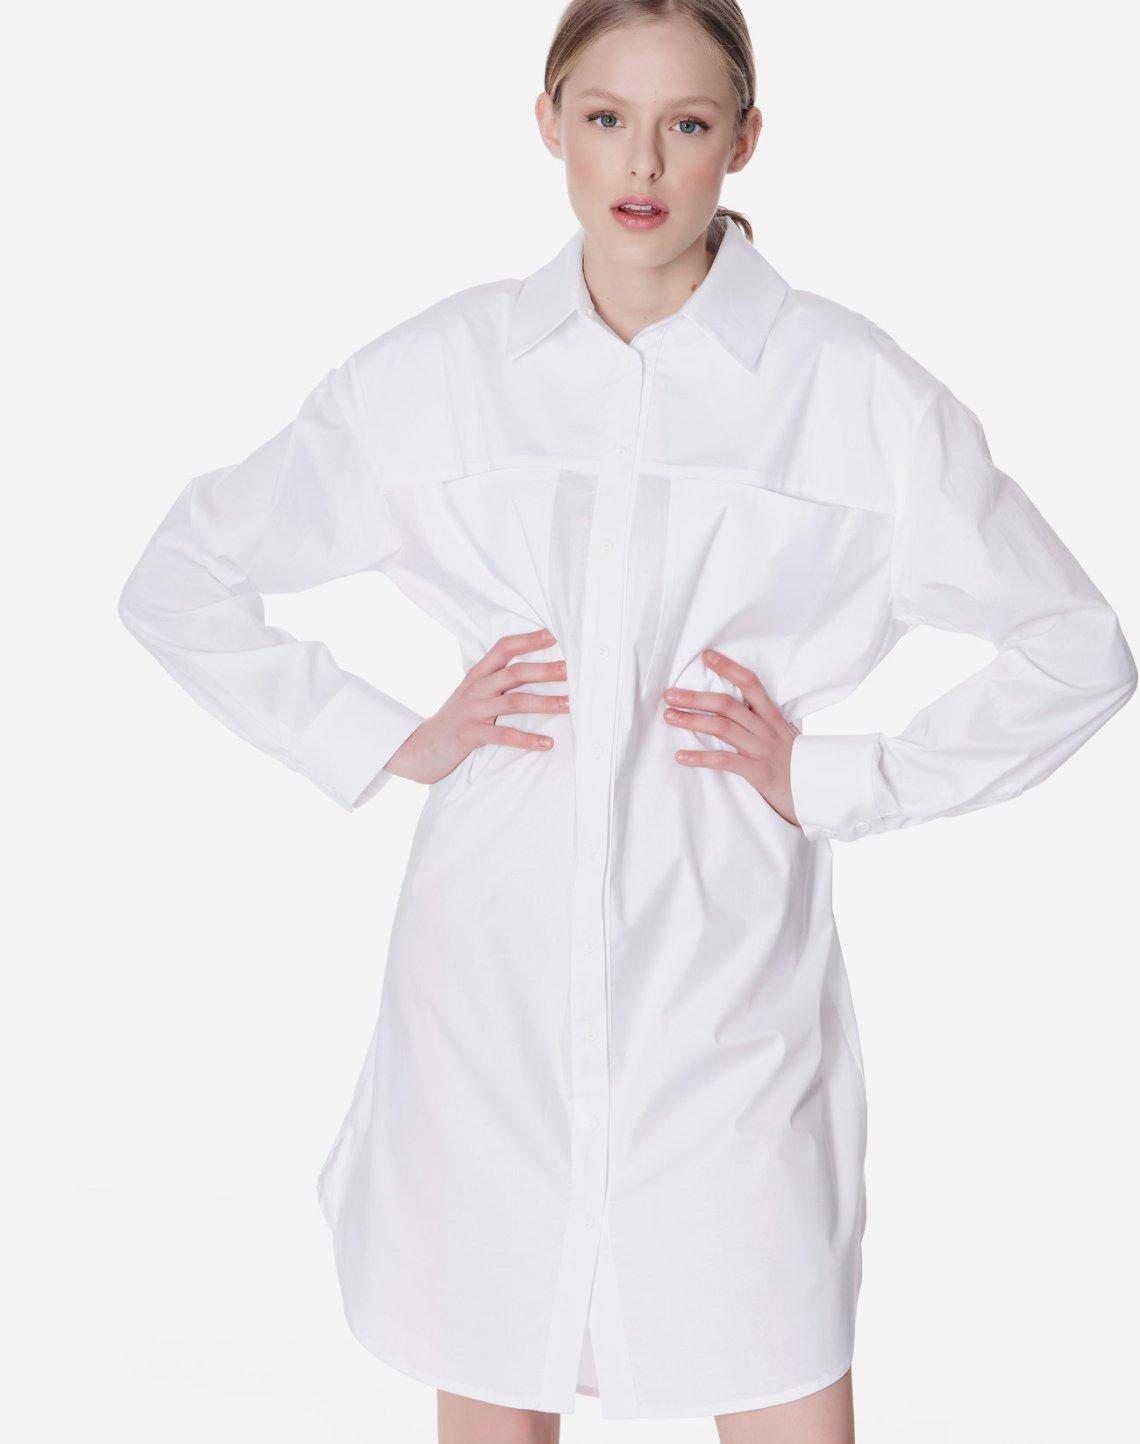 Oversized φόρεμα πουκαμίσα